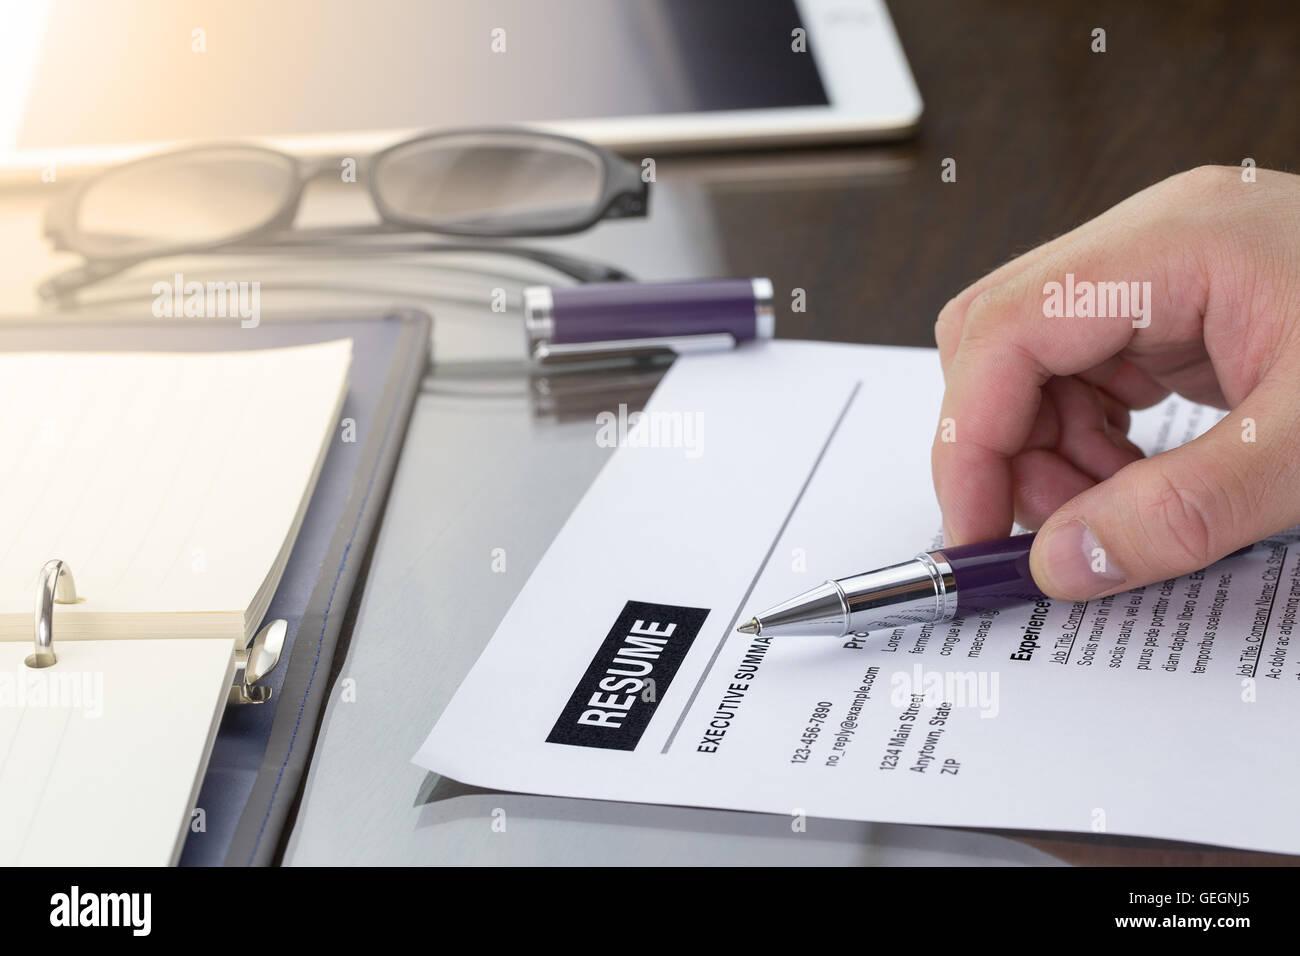 Write A Review Imágenes De Stock & Write A Review Fotos De Stock - Alamy